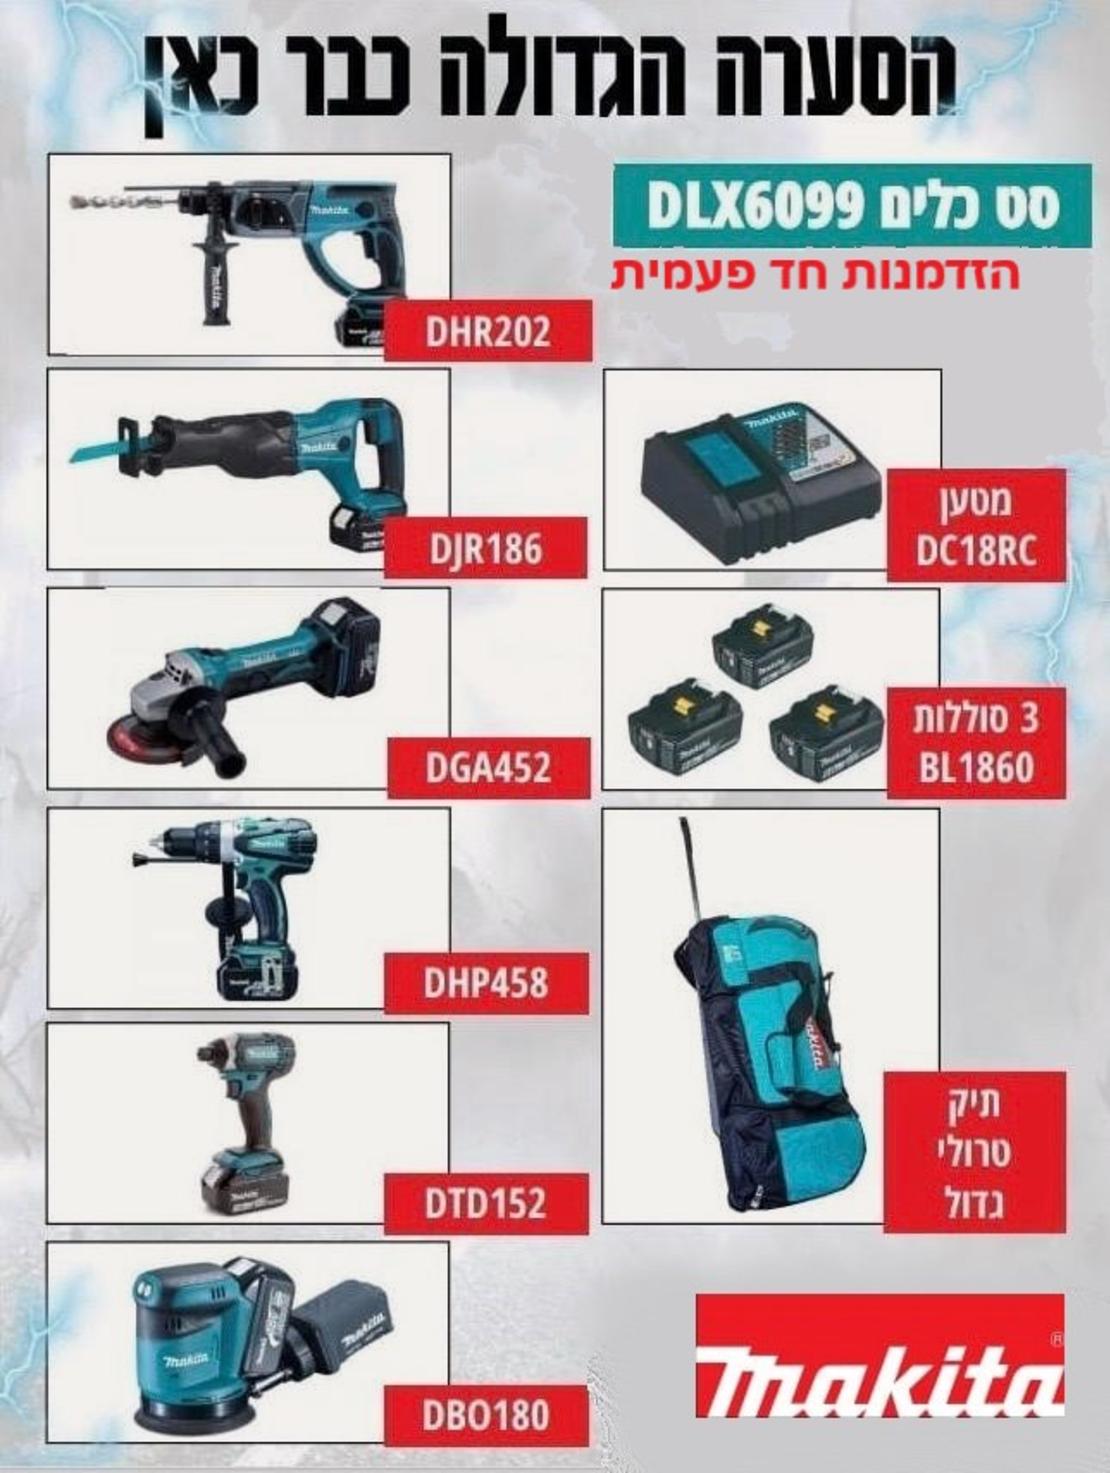 סט כלים מקיטה DLX 6099